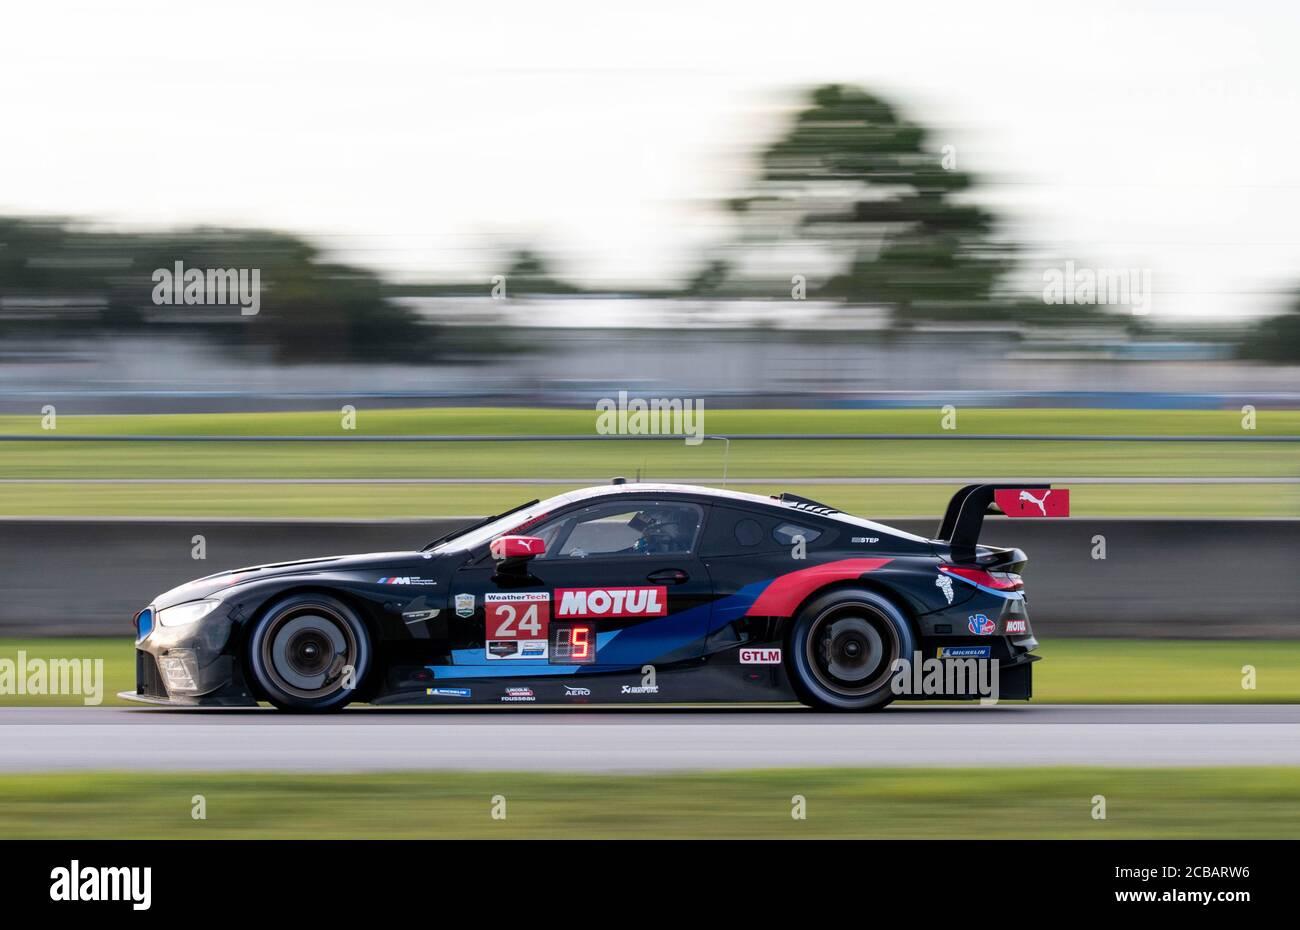 Die #24 BMW M8 in Richtung der berühmten Kurve 7 beim Cadillac Grand Prix auf Sebring International Raceway. Stockfoto